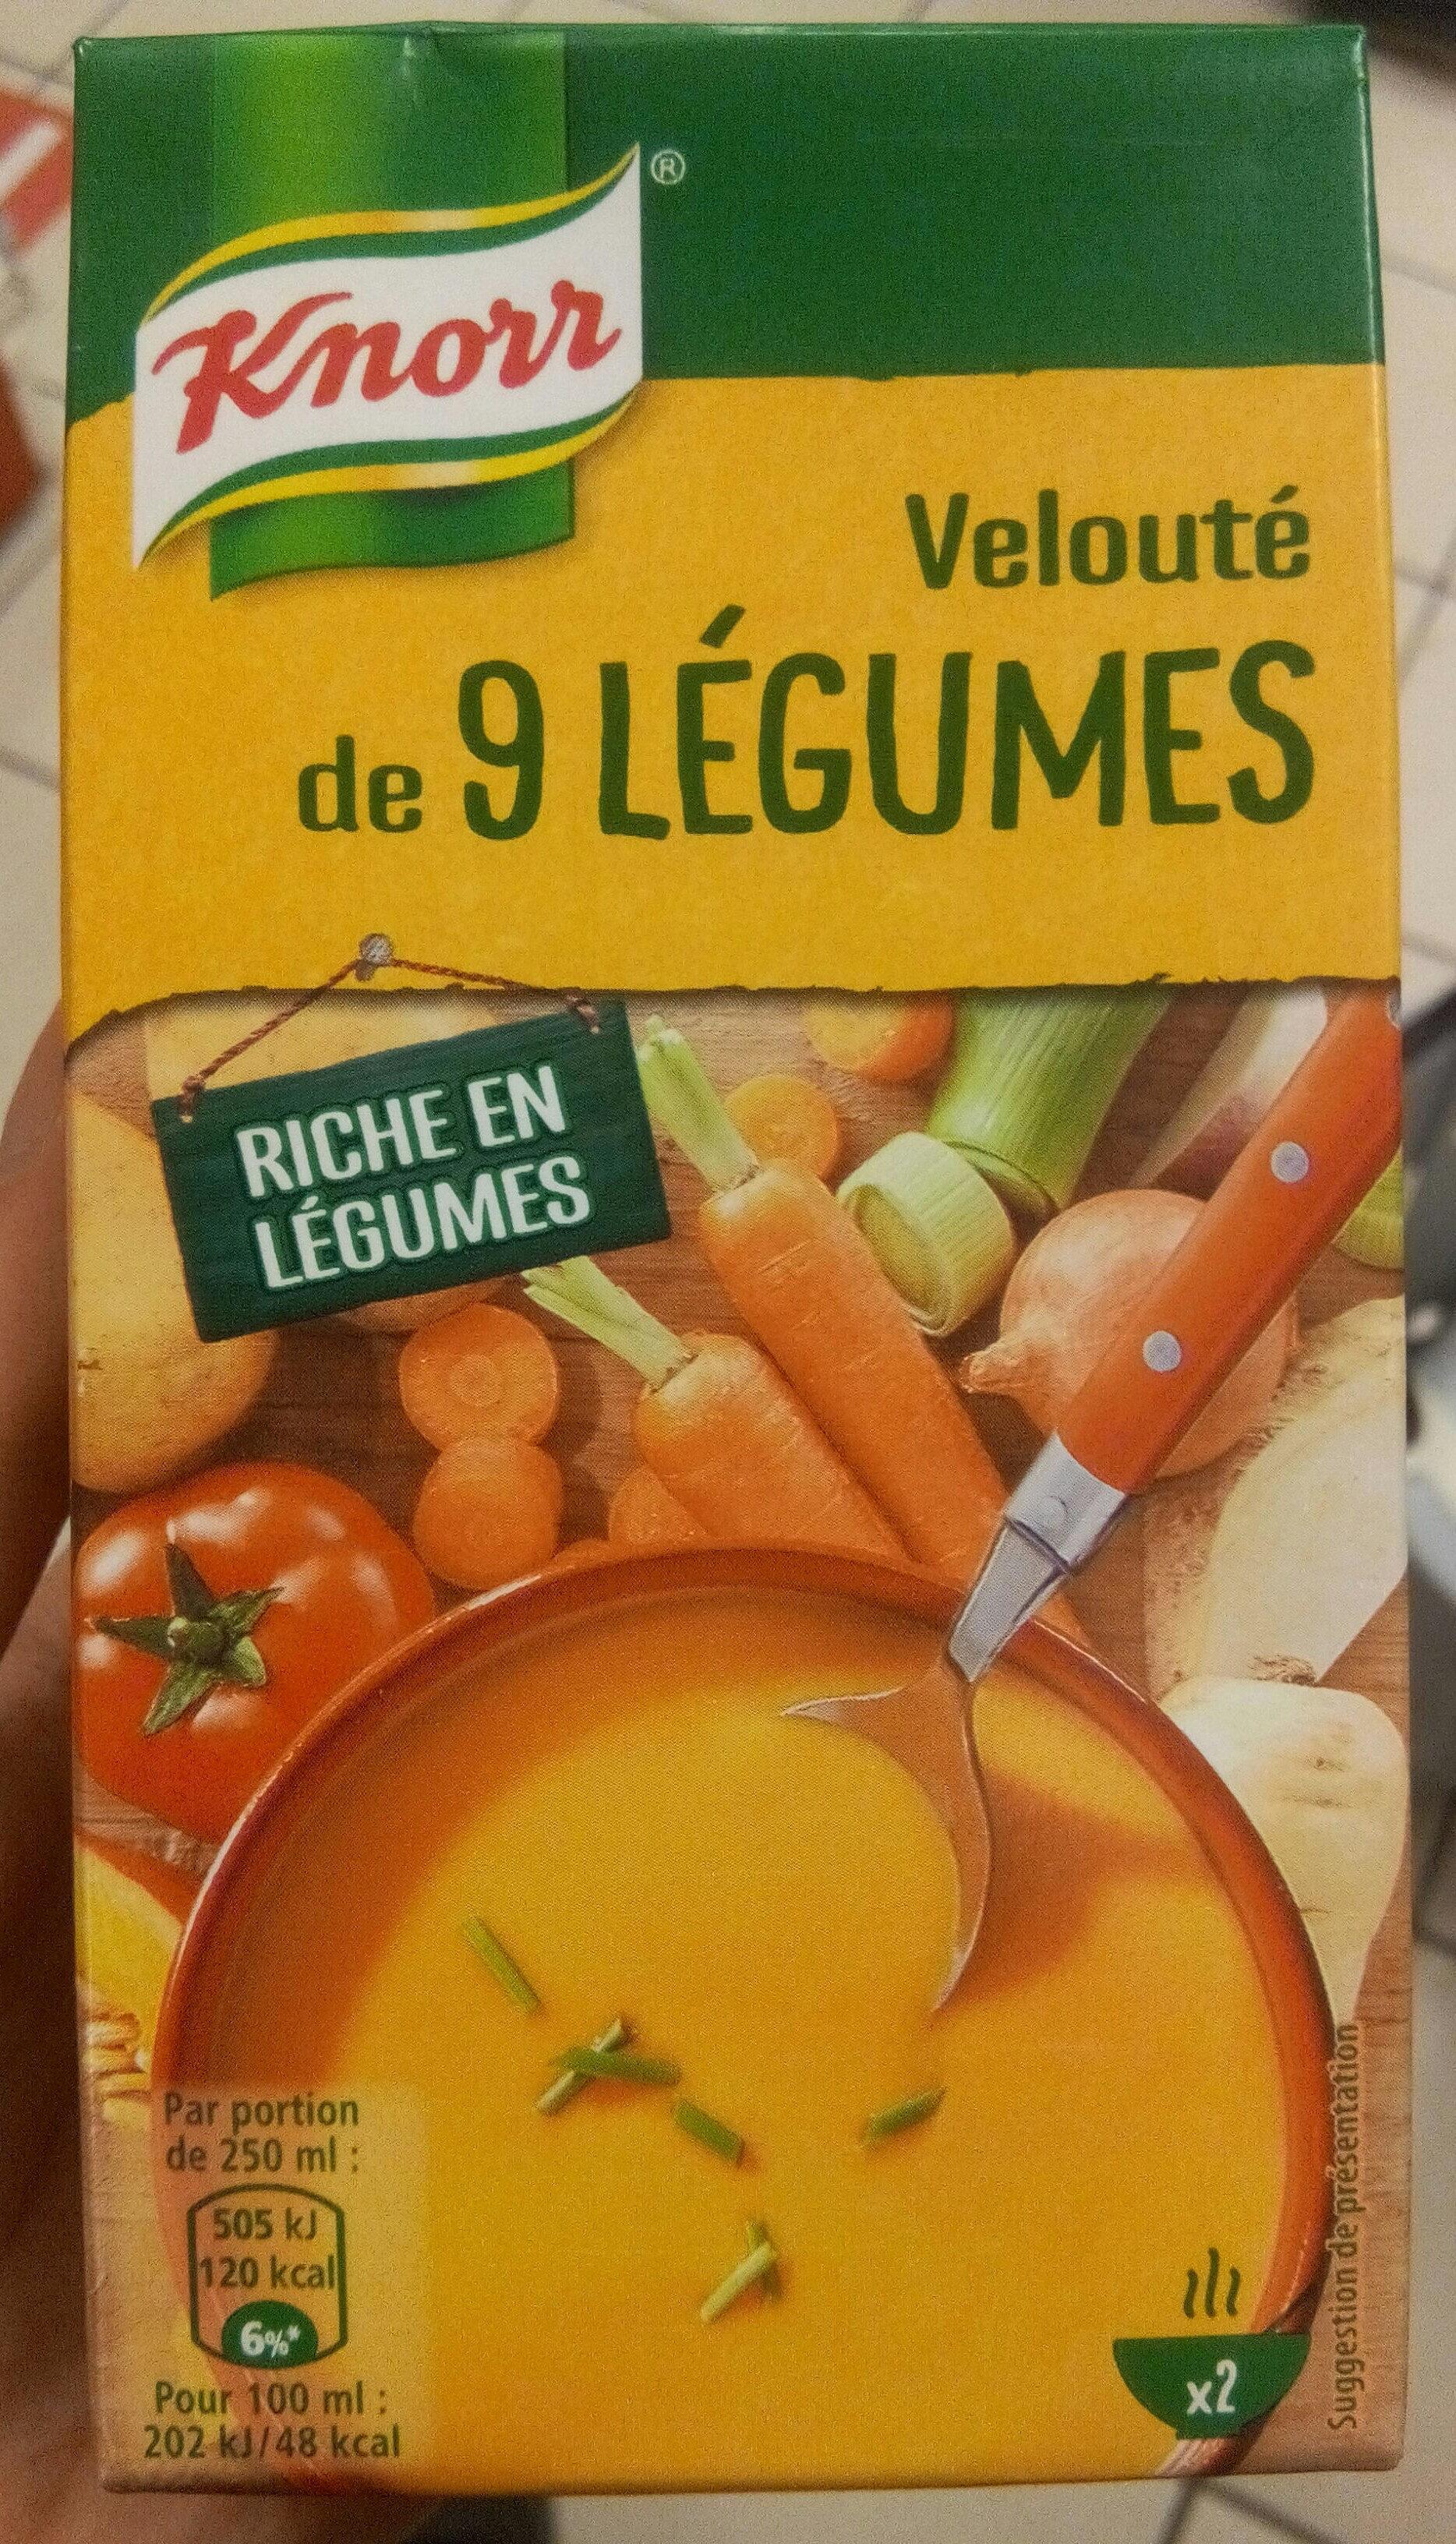 Velouté de 9 légumes - Product